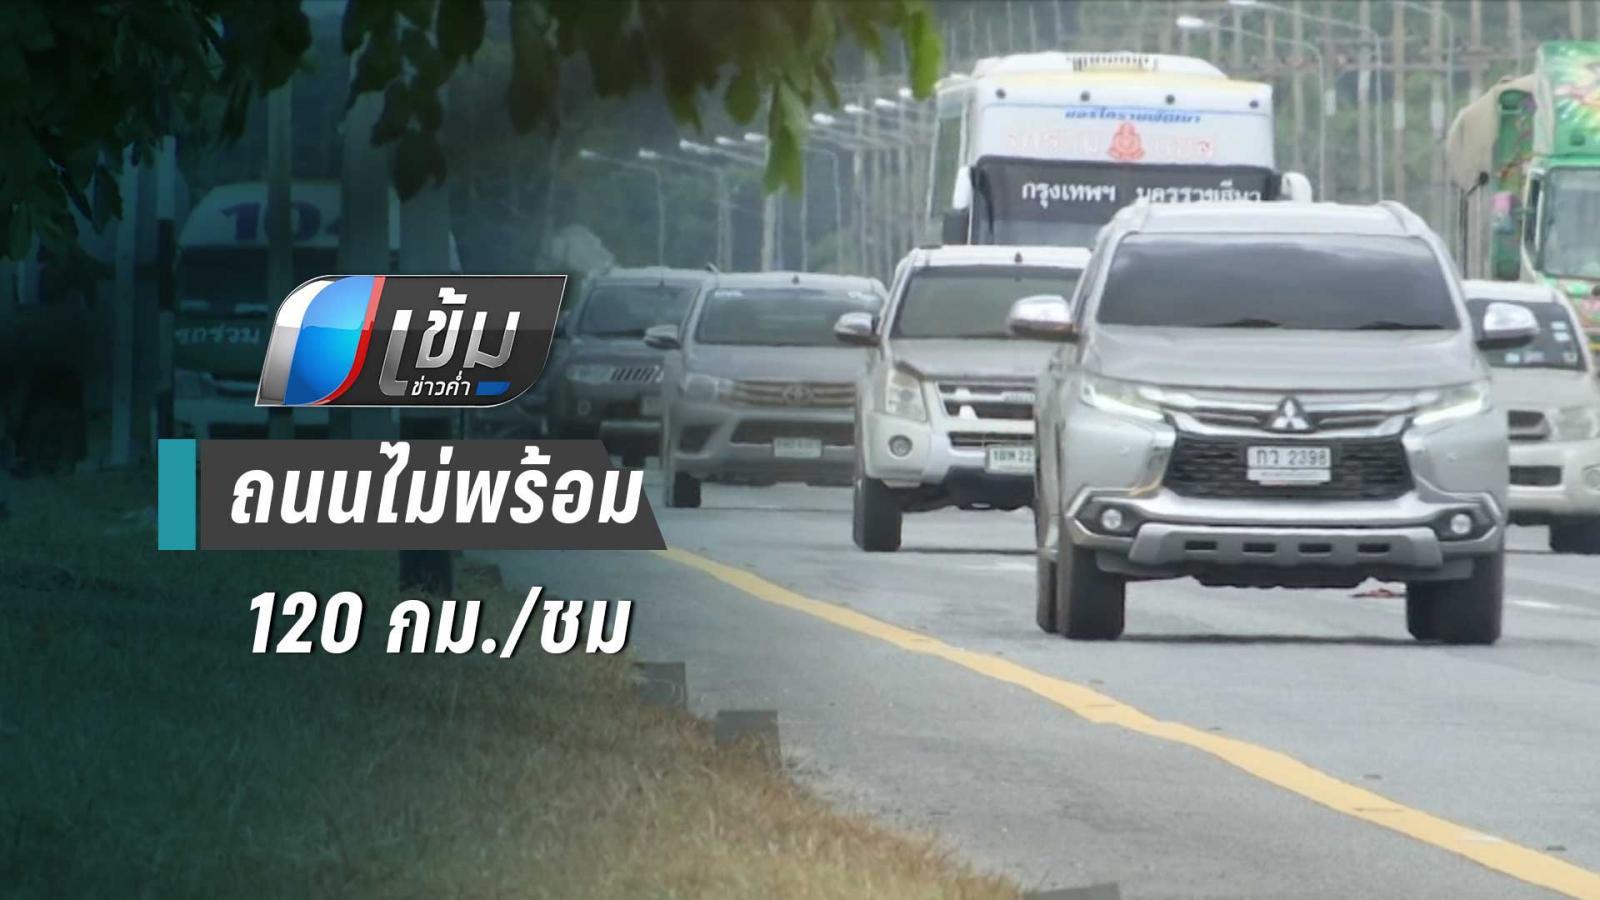 นักวิชาการฯ เผยถนนไทยไม่พร้อมรับแนวคิด 120 กม./ชม.